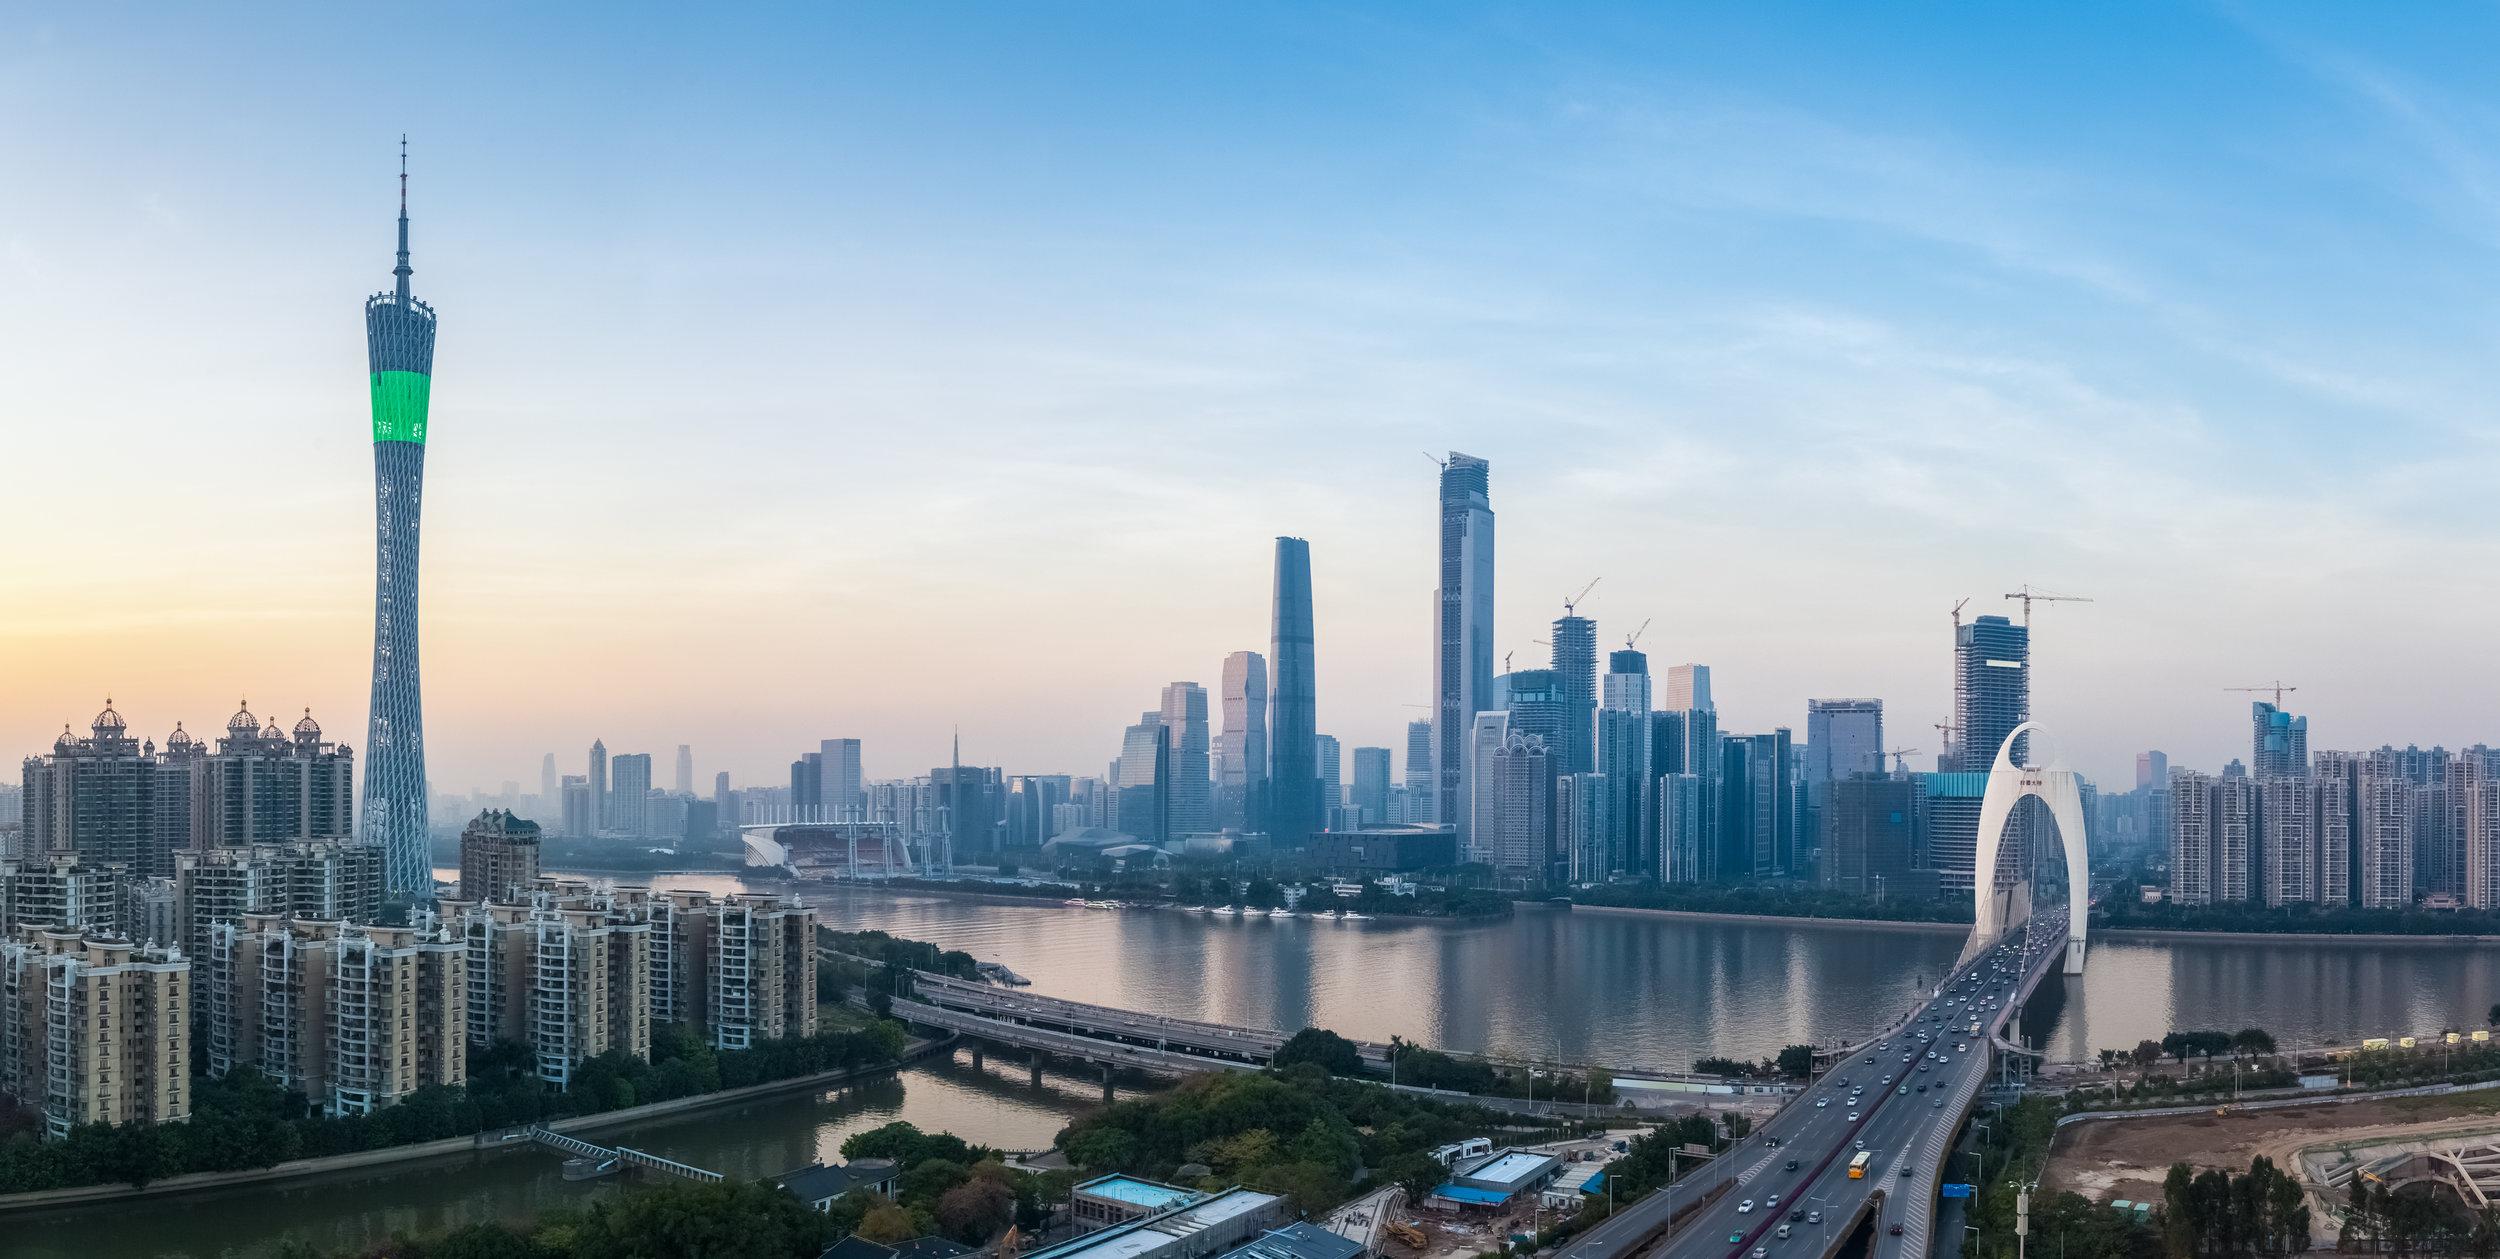 Guangzhou Panorama Day.jpg